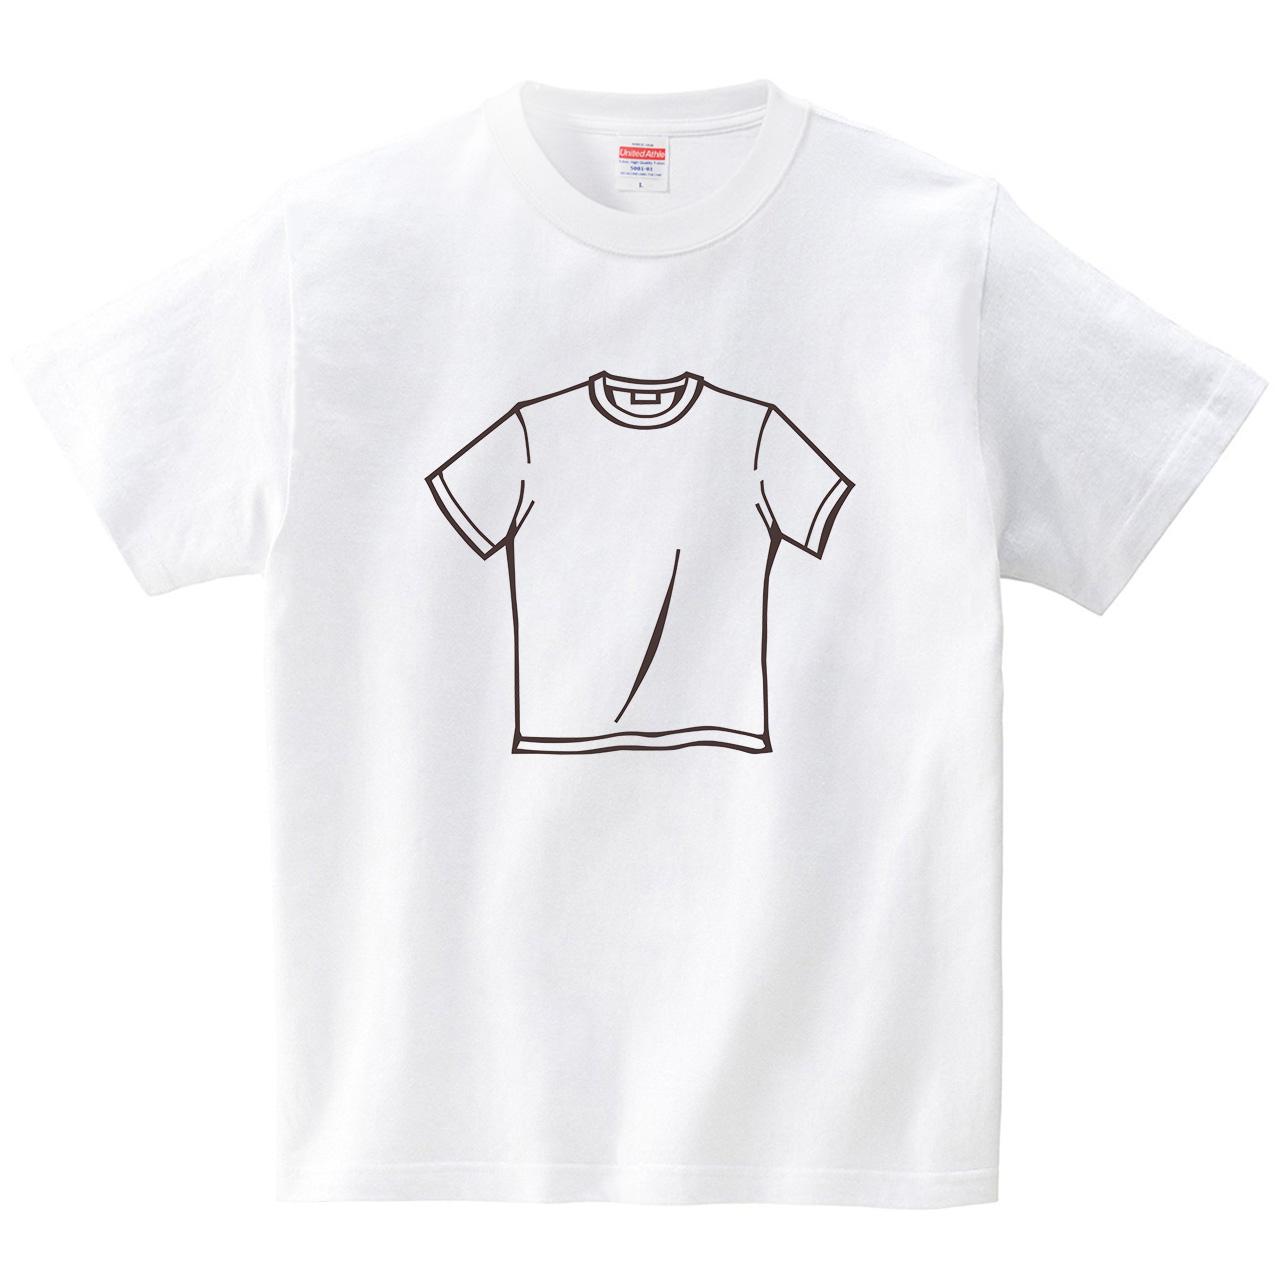 シュールシャツ(Tシャツ・ホワイト)(犬田猫三郎)